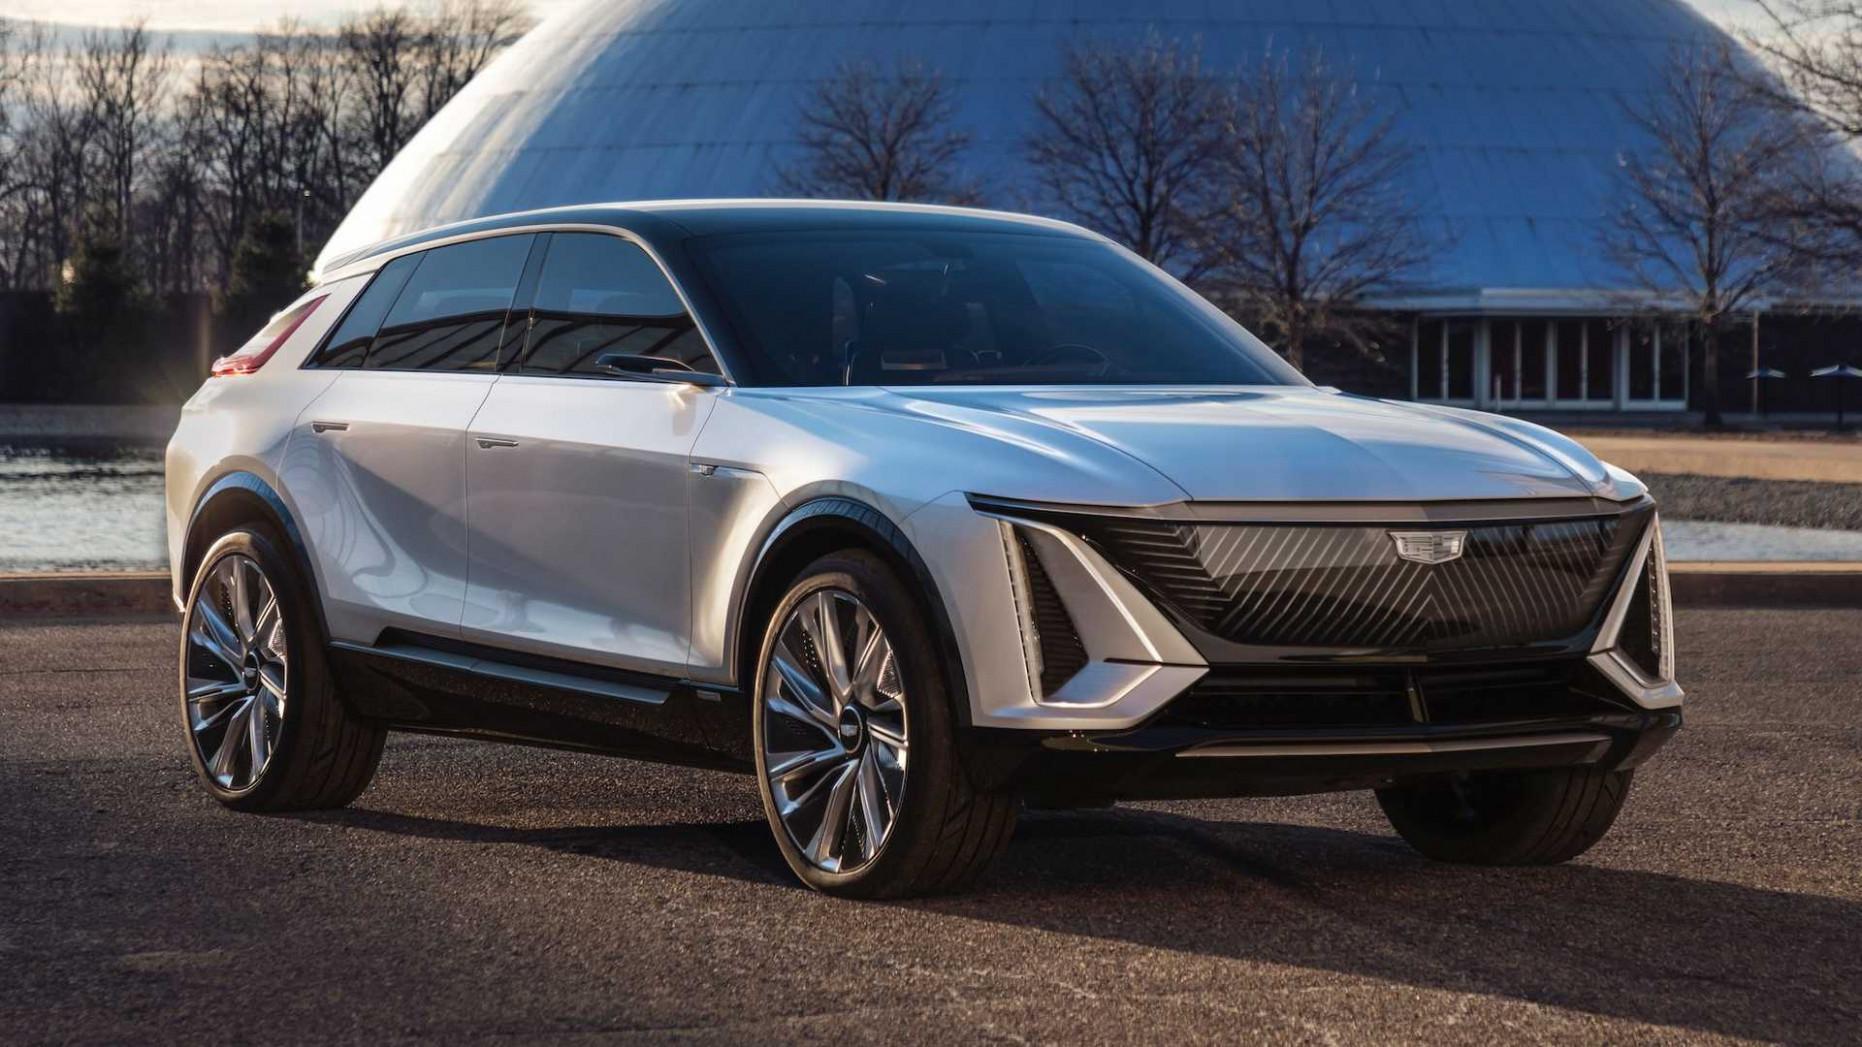 New Concept 2022 Cadillac Xt5 Interior